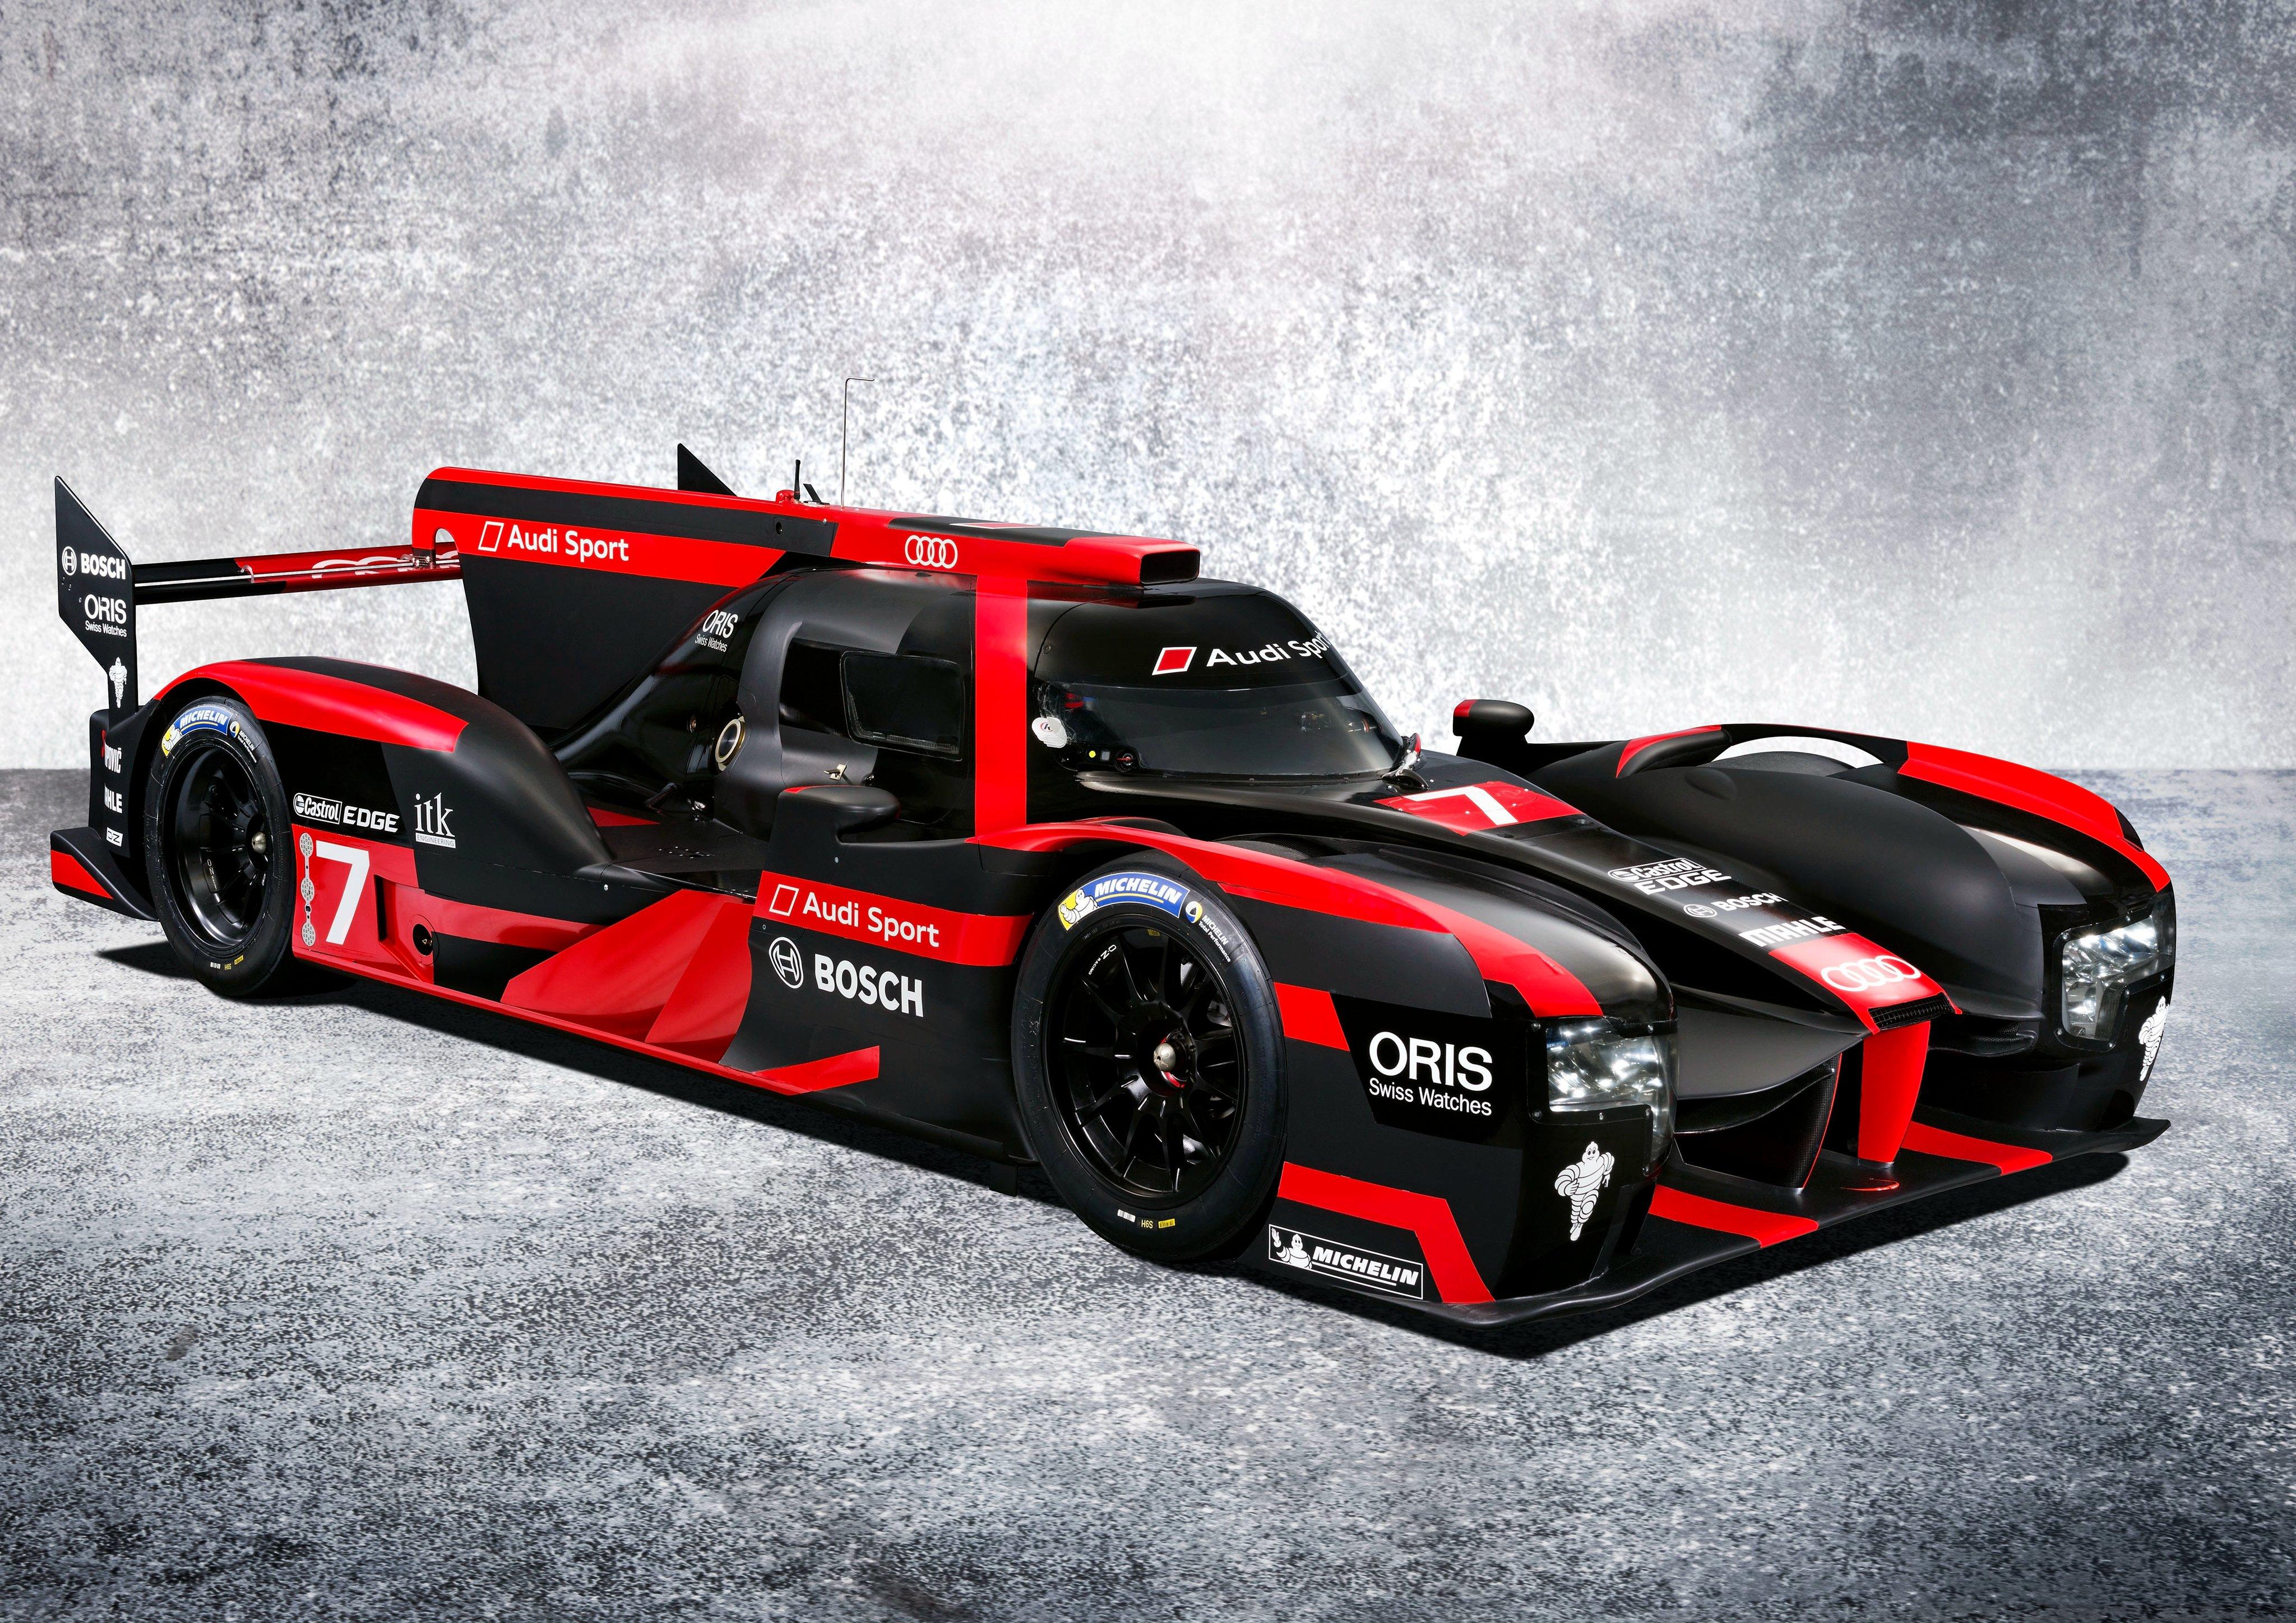 2016 Audi R18 E Tron Quattro Lemans Le Mans Race Racing